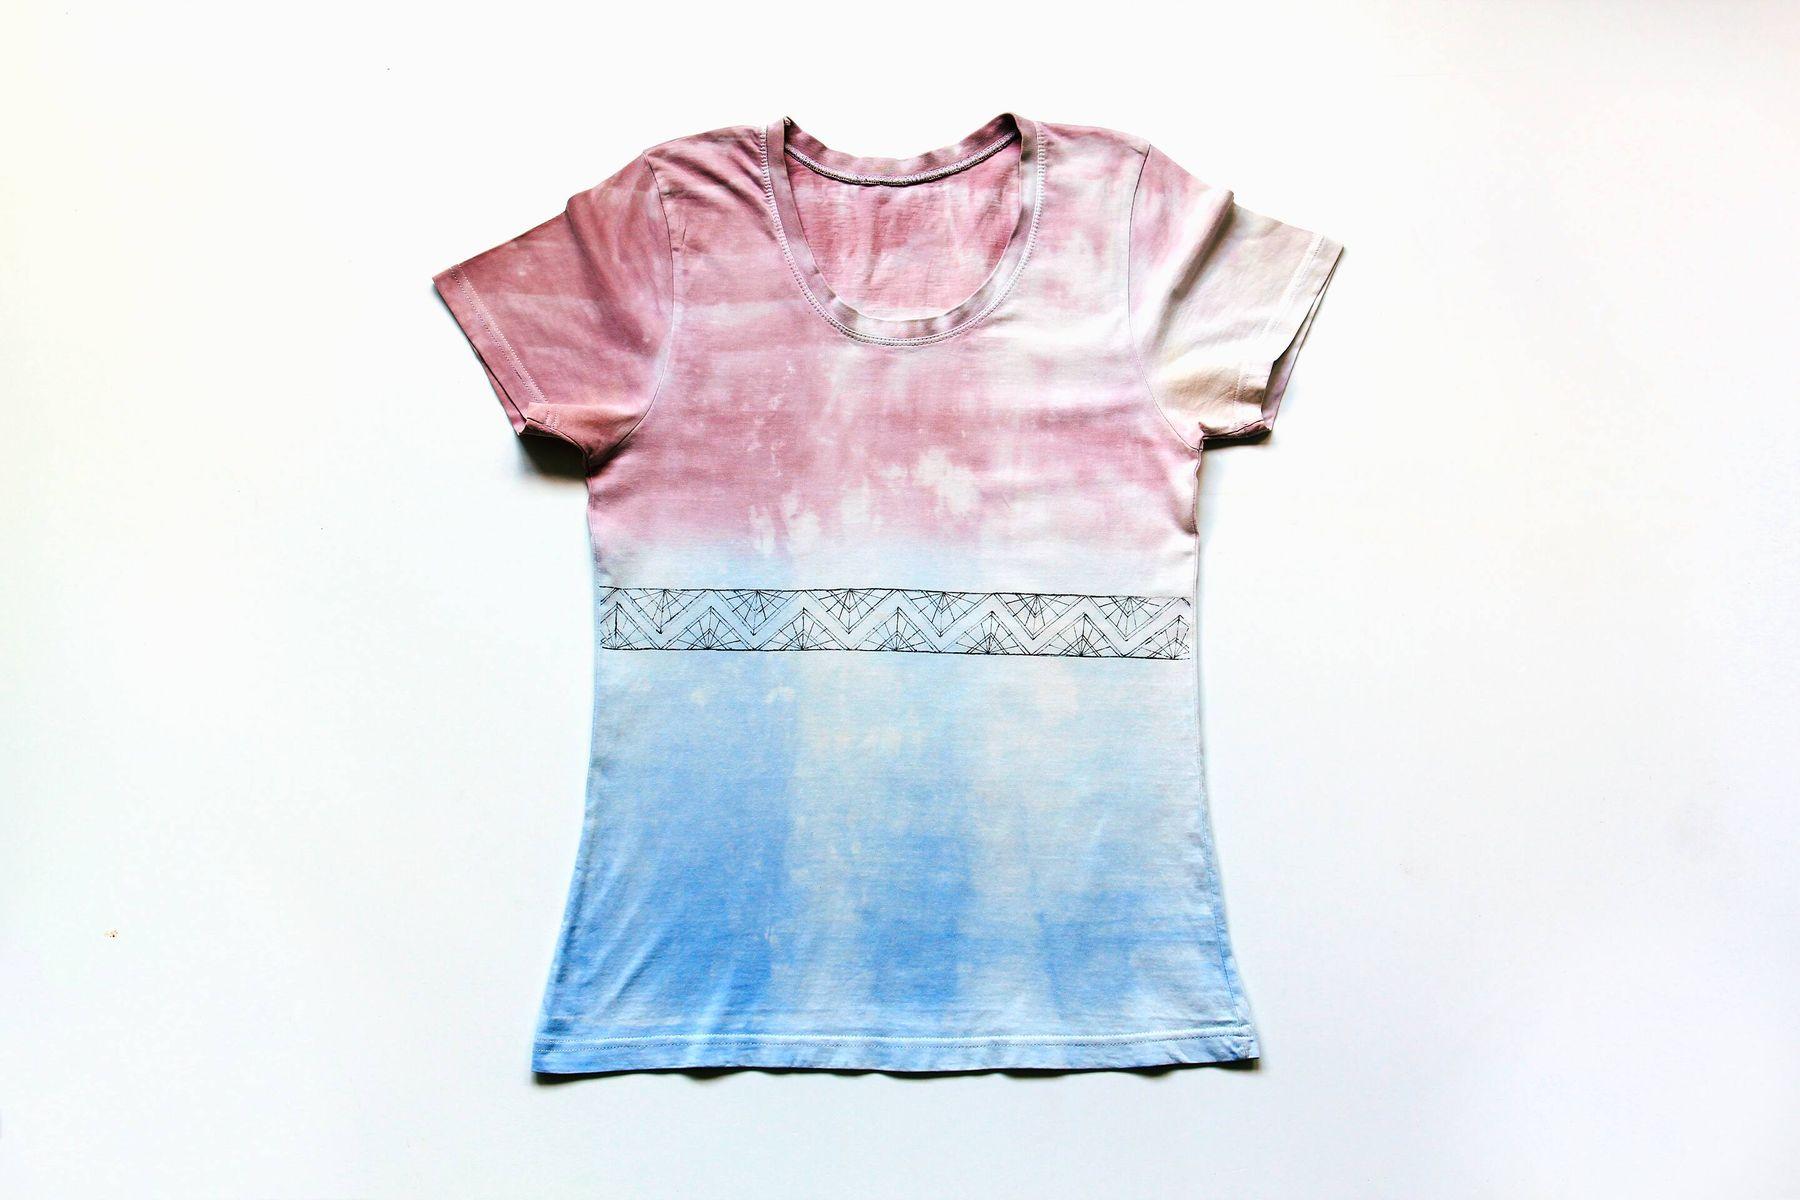 Màu nhuộm quần áo bị phai do thuốc tẩy và cách khắc phục